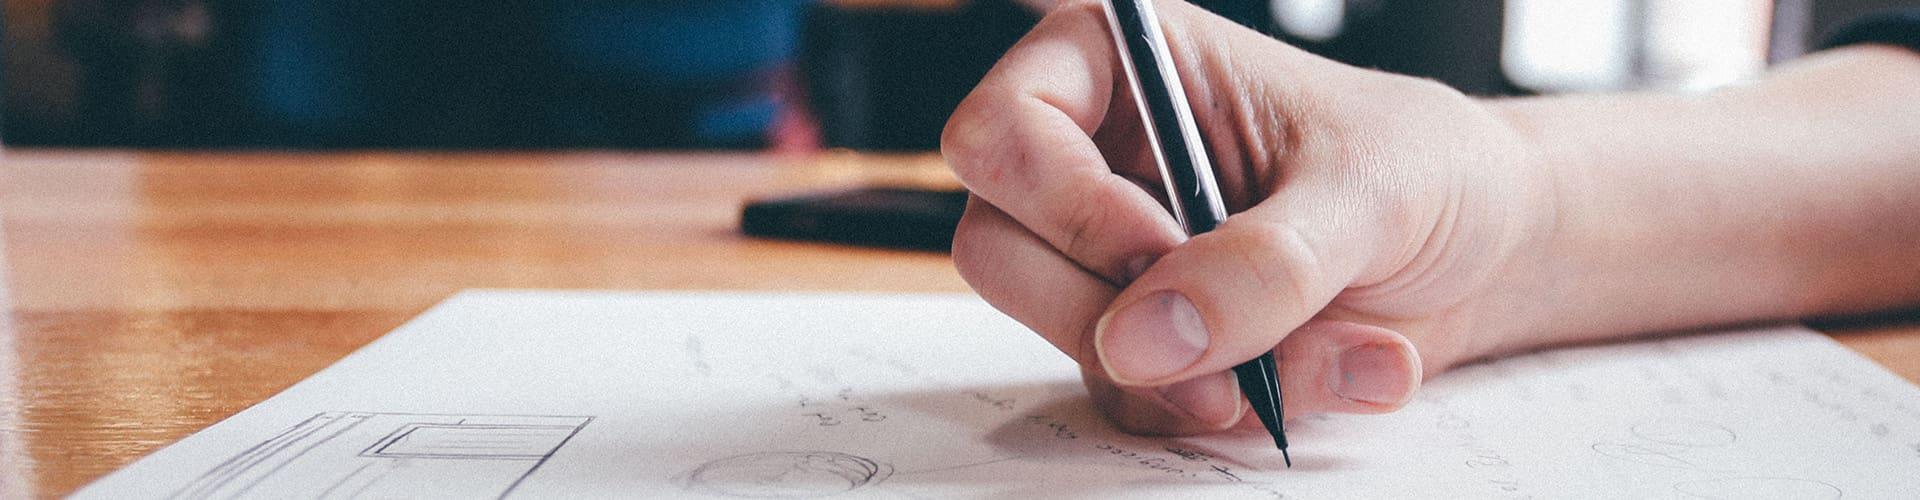 Puste CV do wypełnienia: 18 wzorów CV do pobrania w PDF